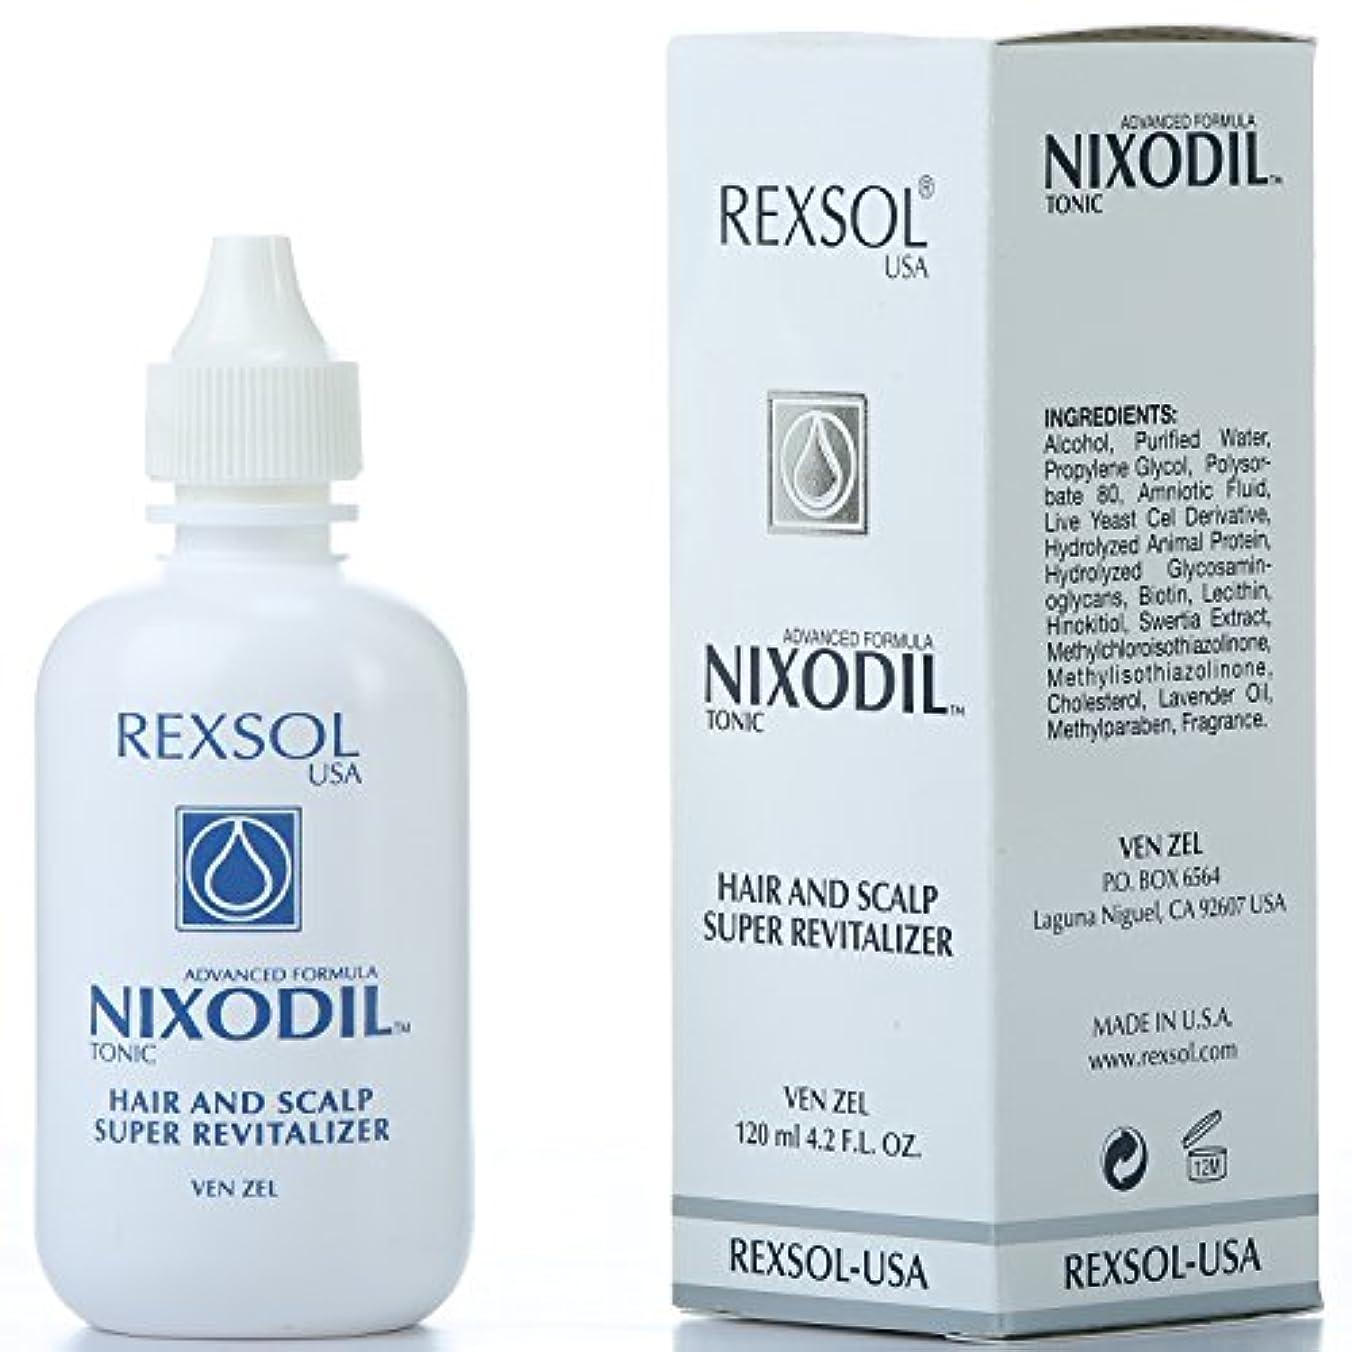 観察平らにする奨学金REXSOLニクソディルヘア&スカルプスーパーリバイタライザー| ライブ酵母細胞誘導体、ビオチン、レシチン、Swertia Extract&ラベンダーオイル| 毛の損失と刺激的な成長を防ぎます(120 ml / 4.2...